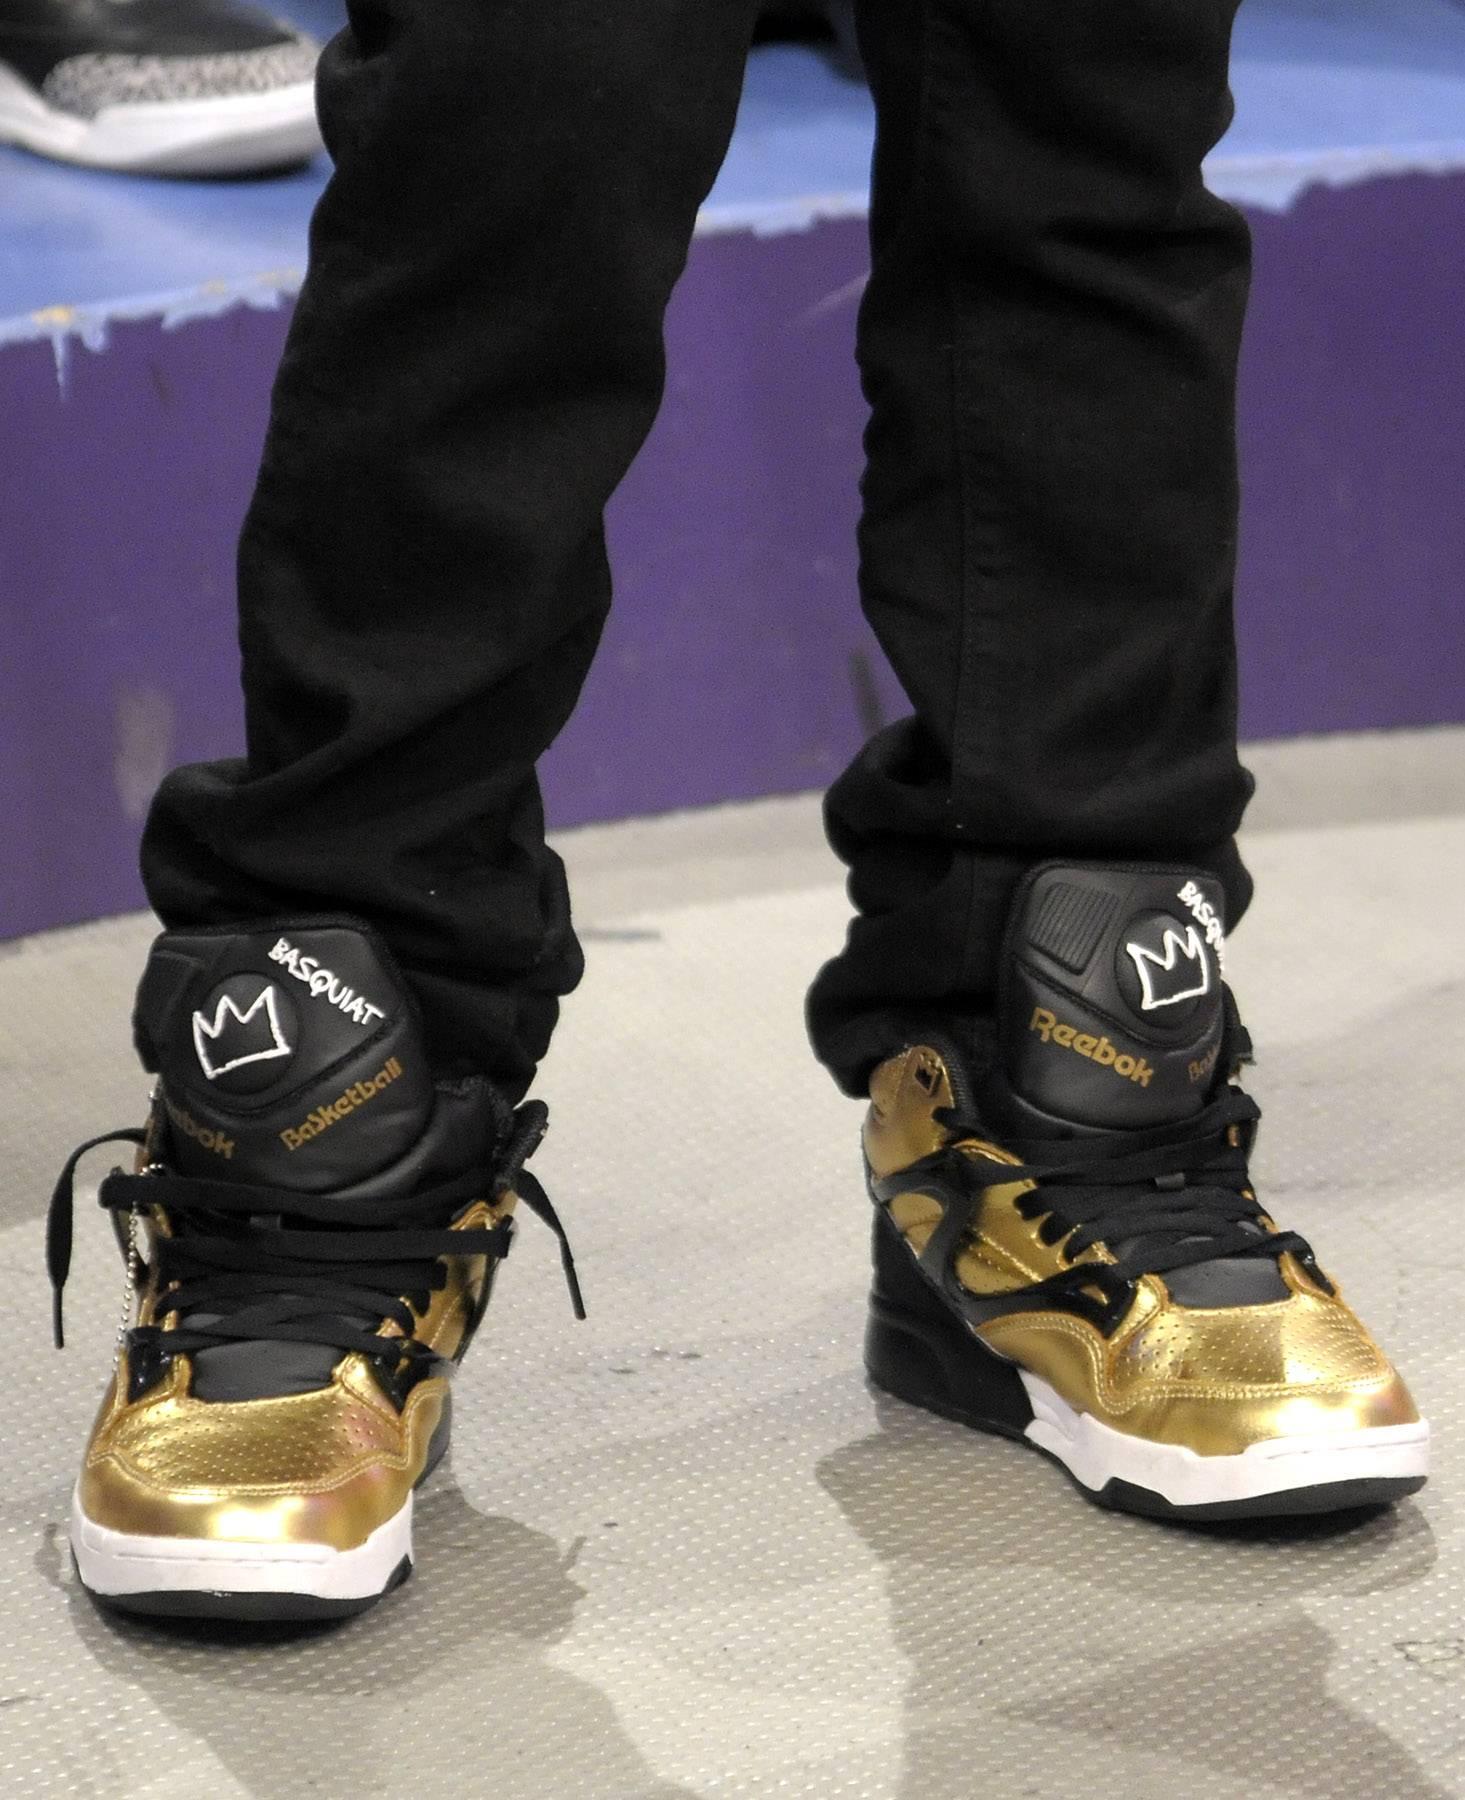 Reebok shoes - Lil Niqo at 106 & Park, May 16, 2012. (Photo: John Ricard / BET)